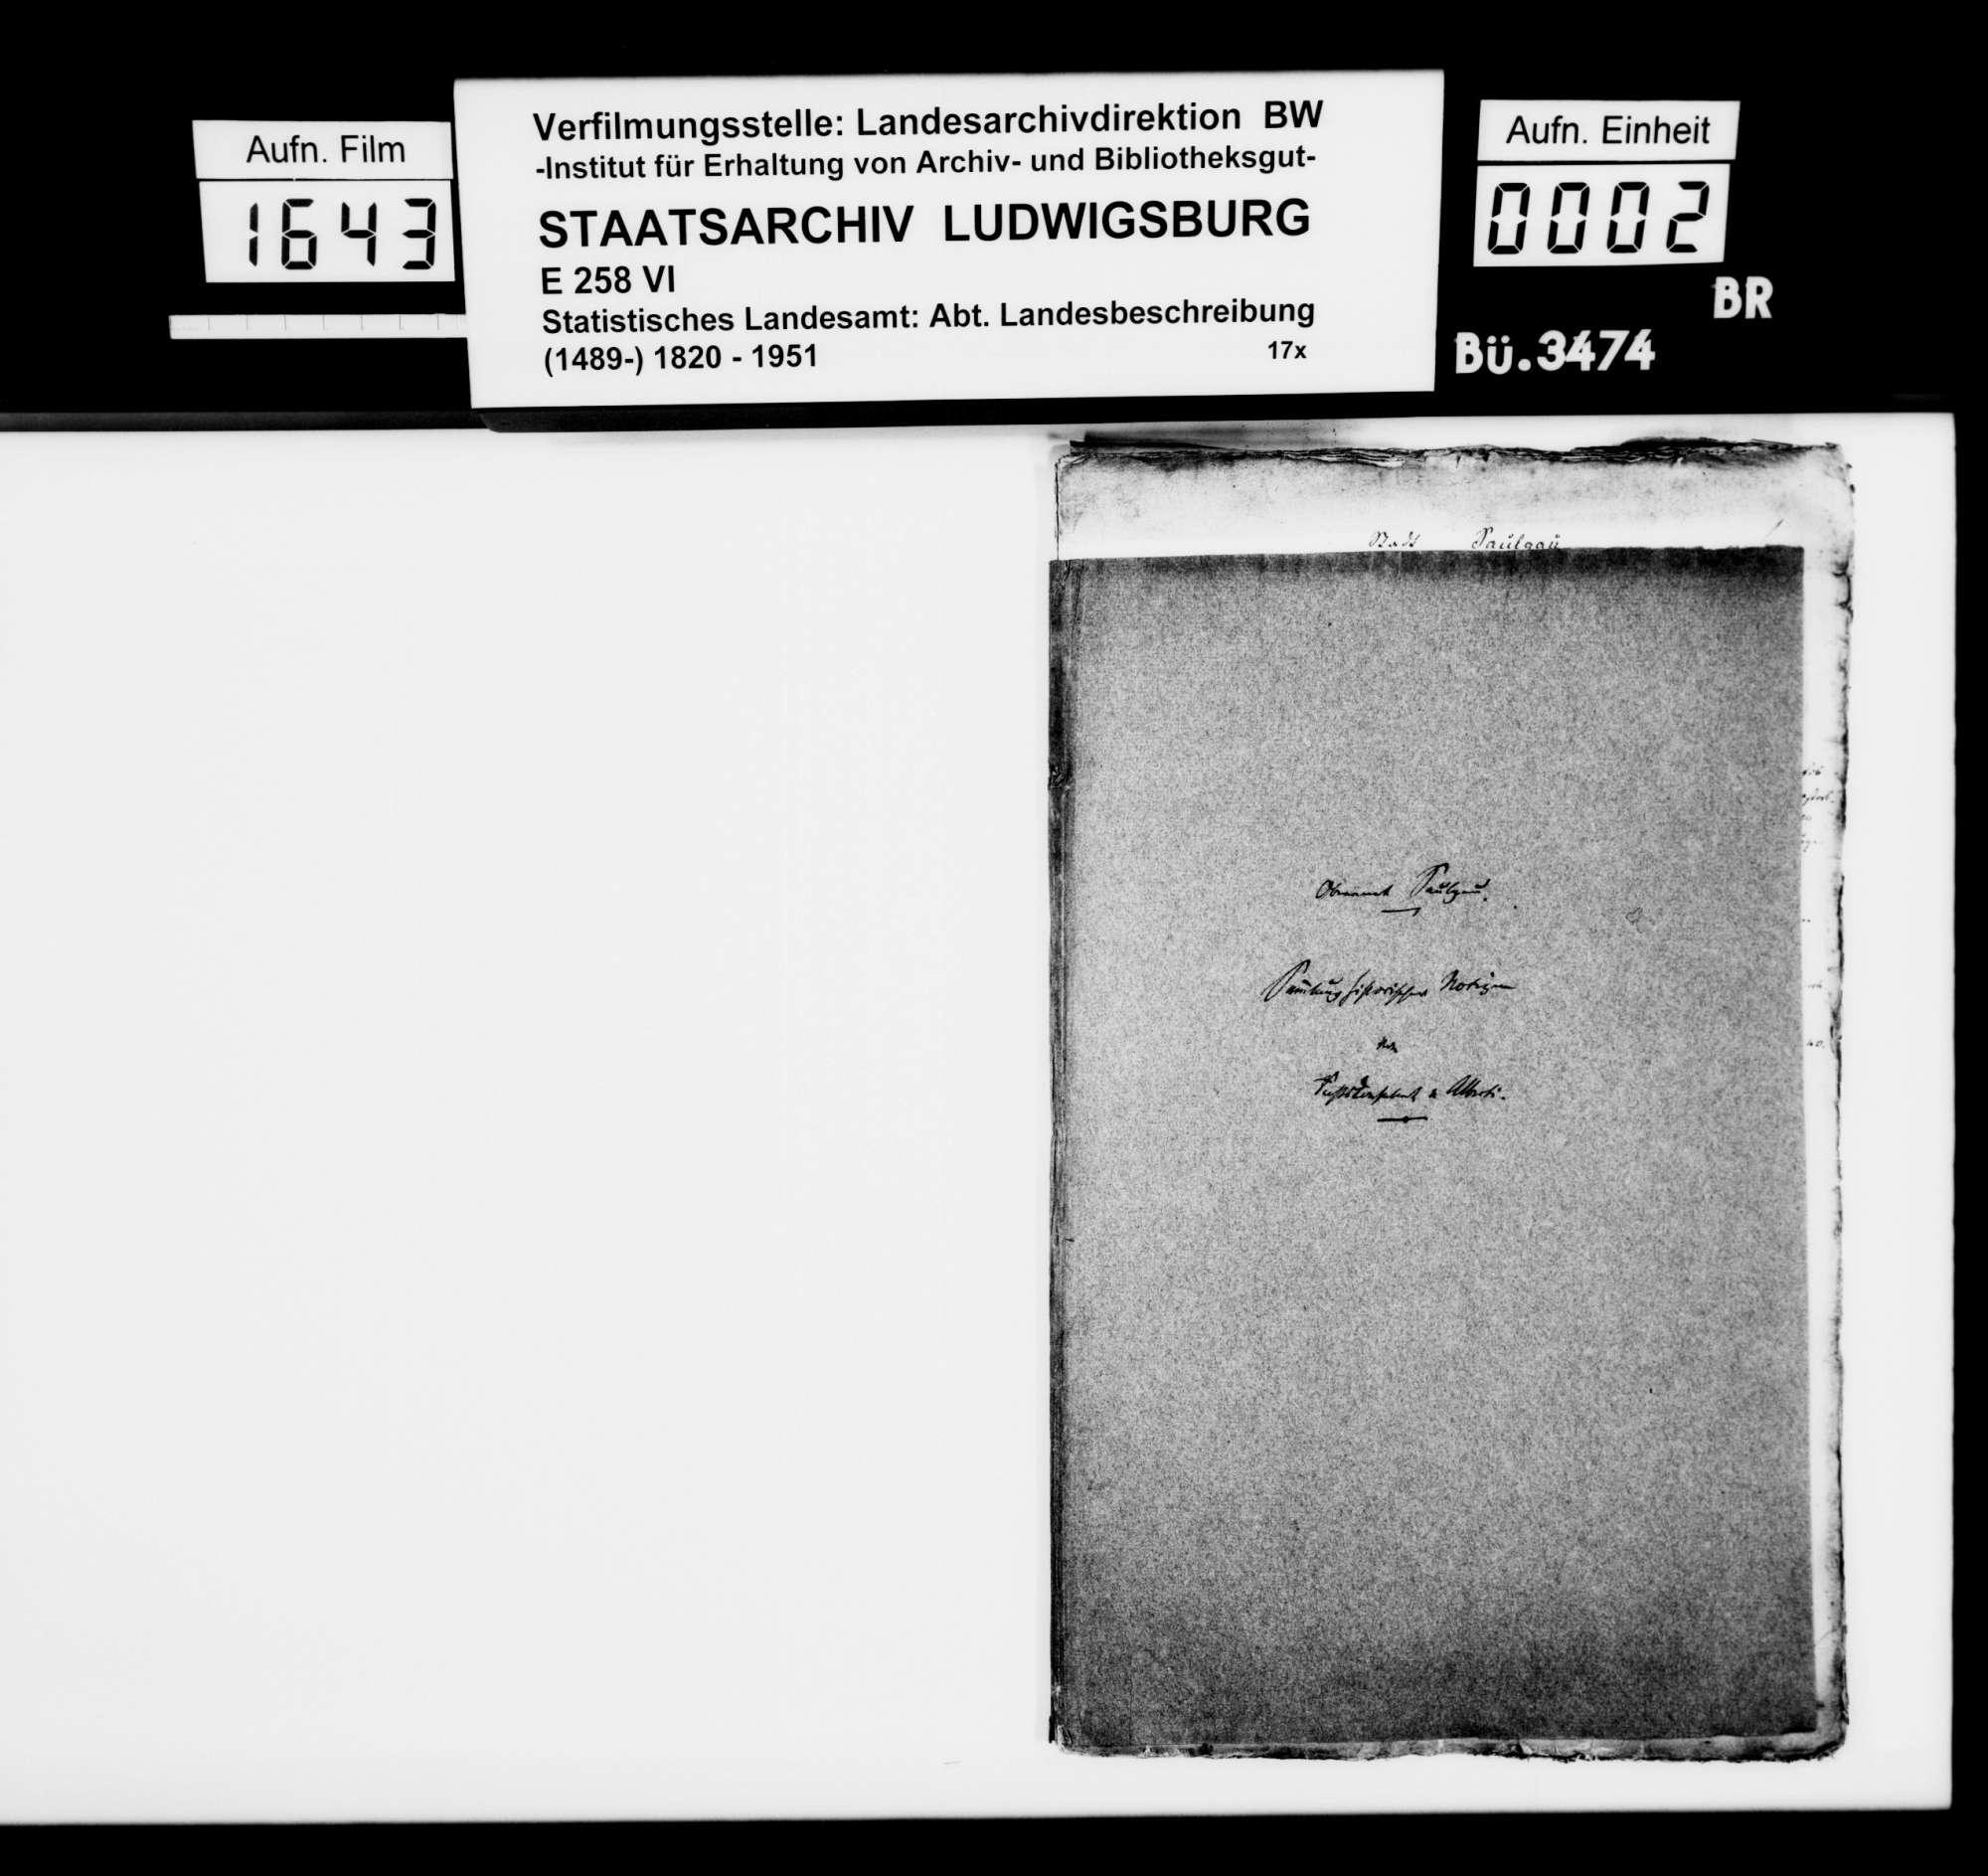 Historiographische Kollektaneen des Rechtskonsulenten [Karl] von Alberti, Frühmittelalter bis 1820, Bild 1